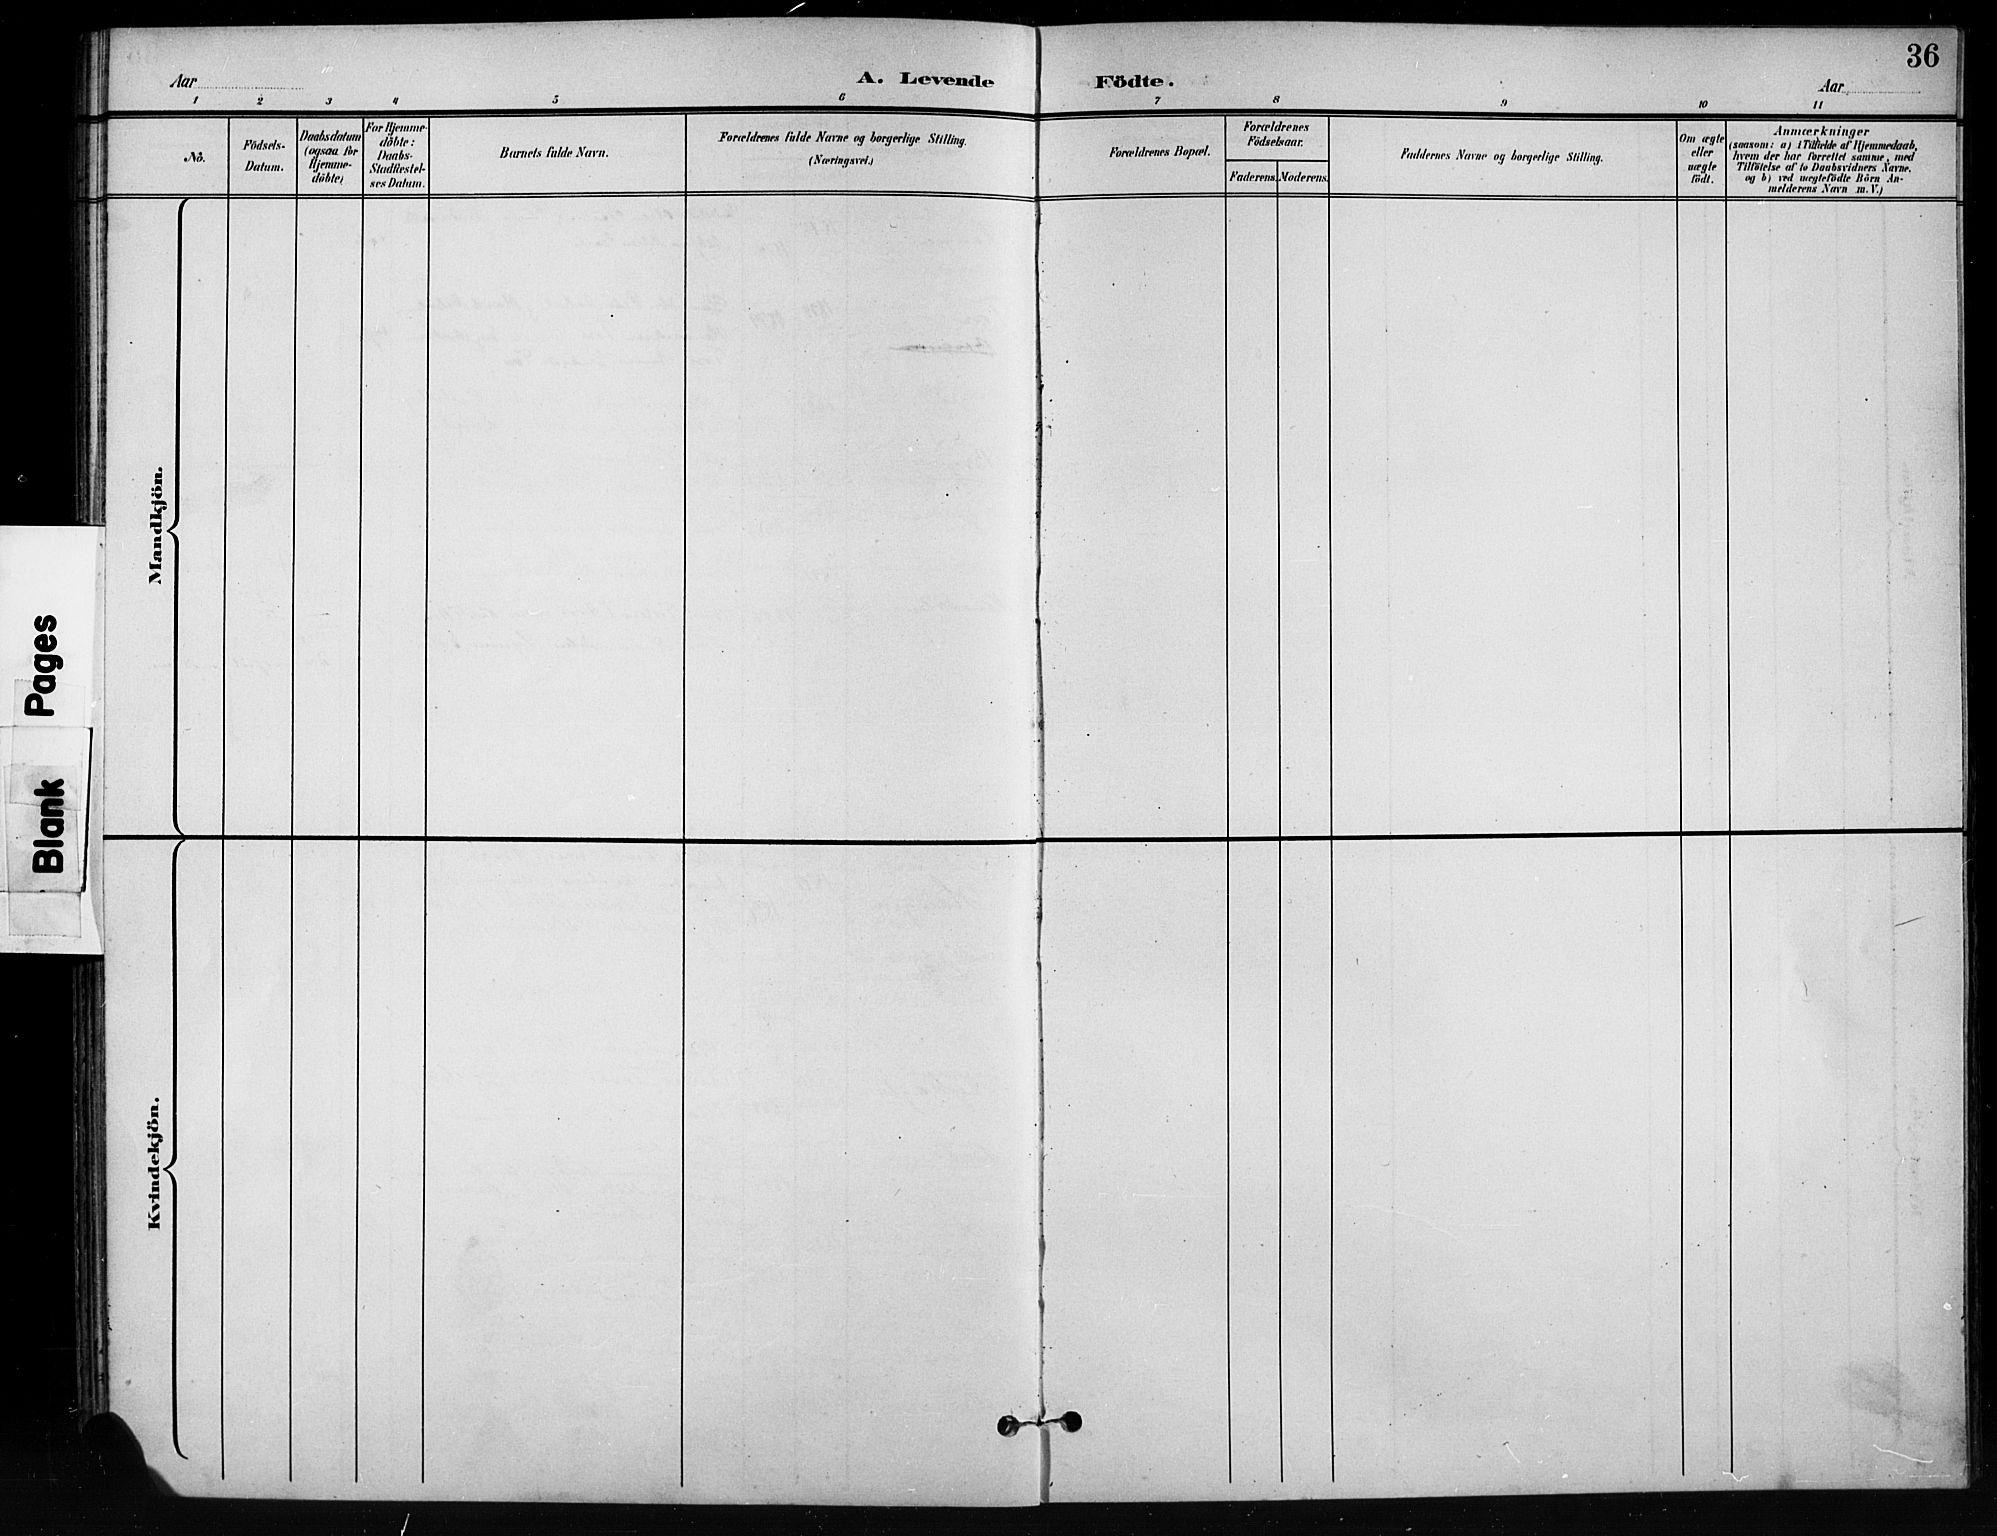 SAH, Nord-Aurdal prestekontor, Klokkerbok nr. 11, 1897-1918, s. 36